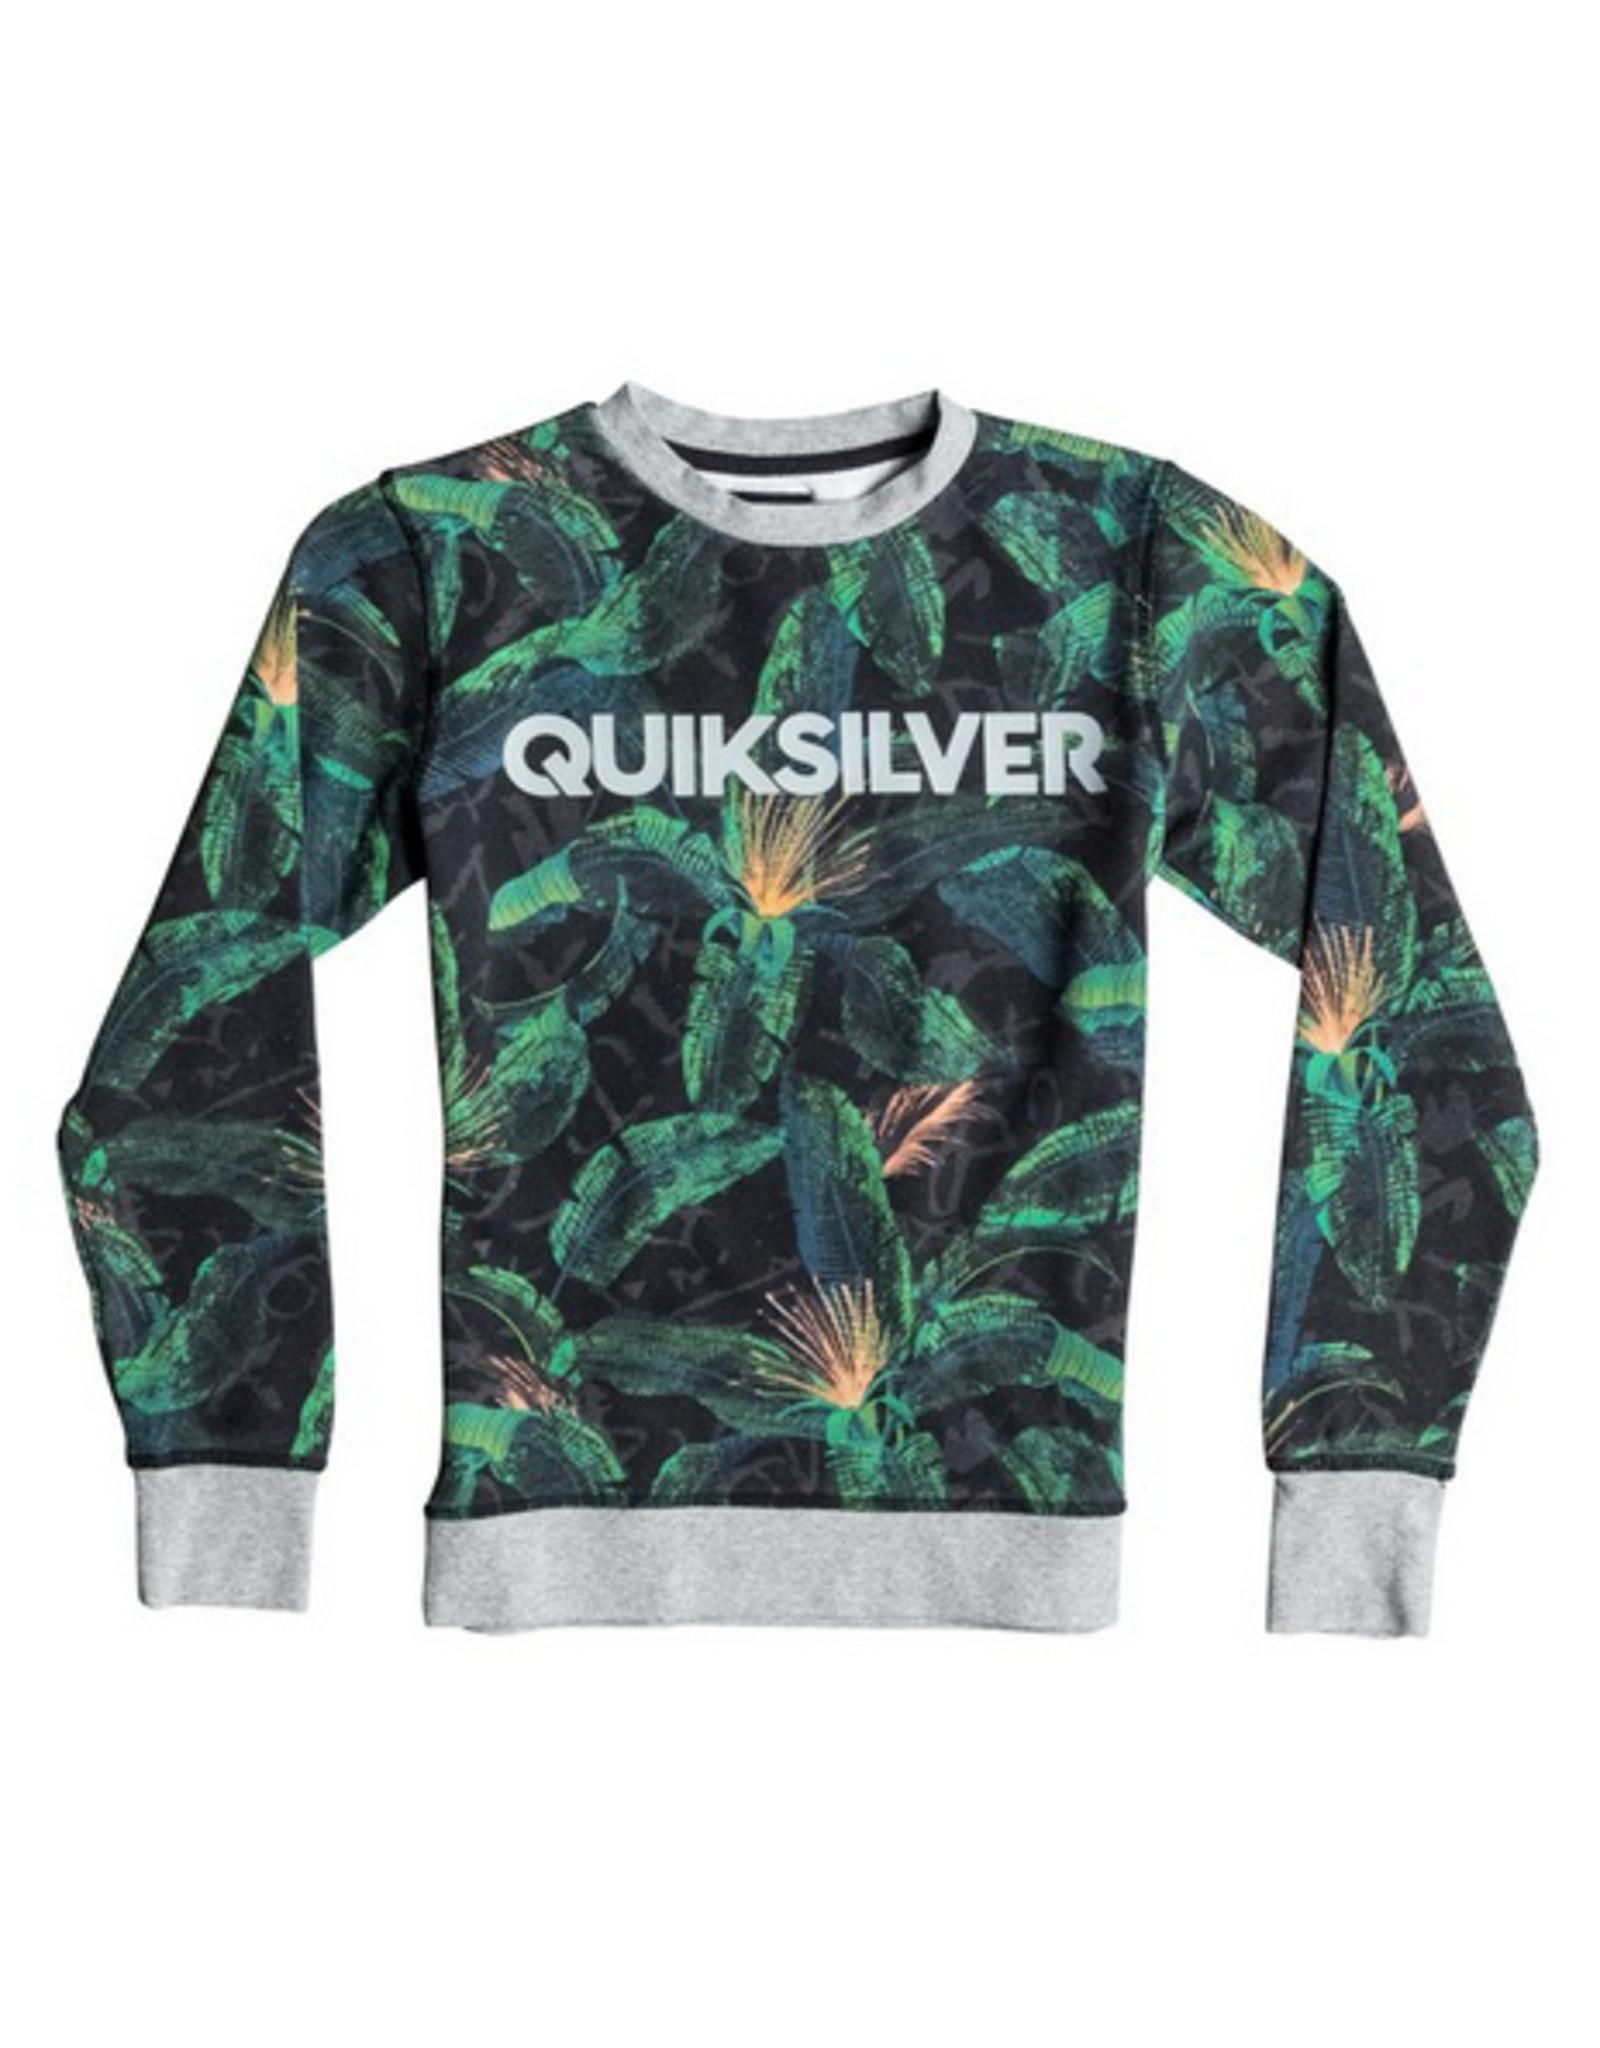 Quiksilver Quiksilver - Riot Crew